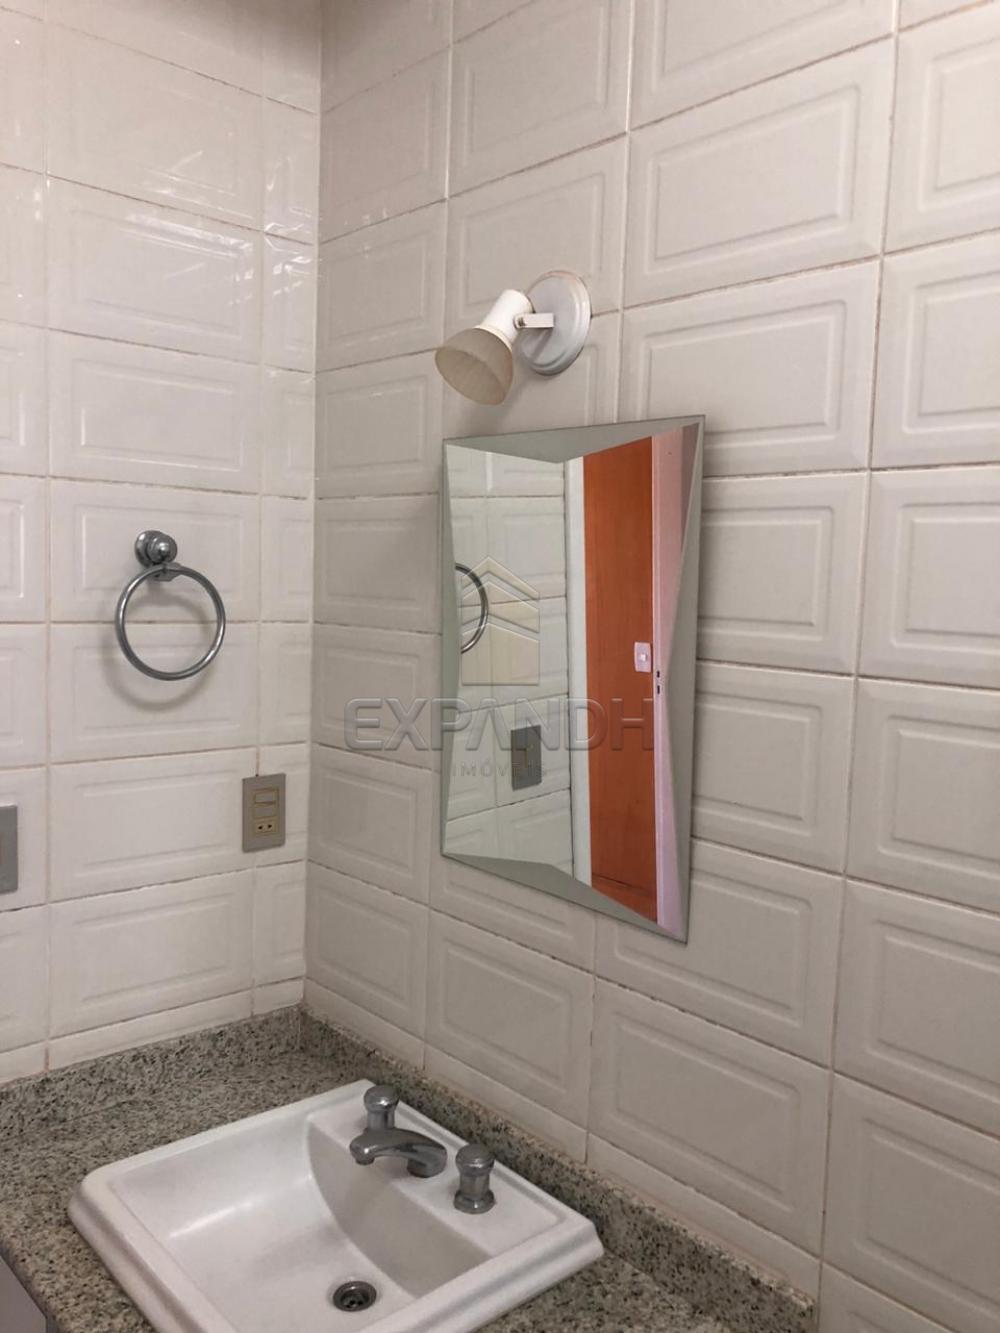 Alugar Apartamentos / Padrão em Sertãozinho R$ 1.728,00 - Foto 18